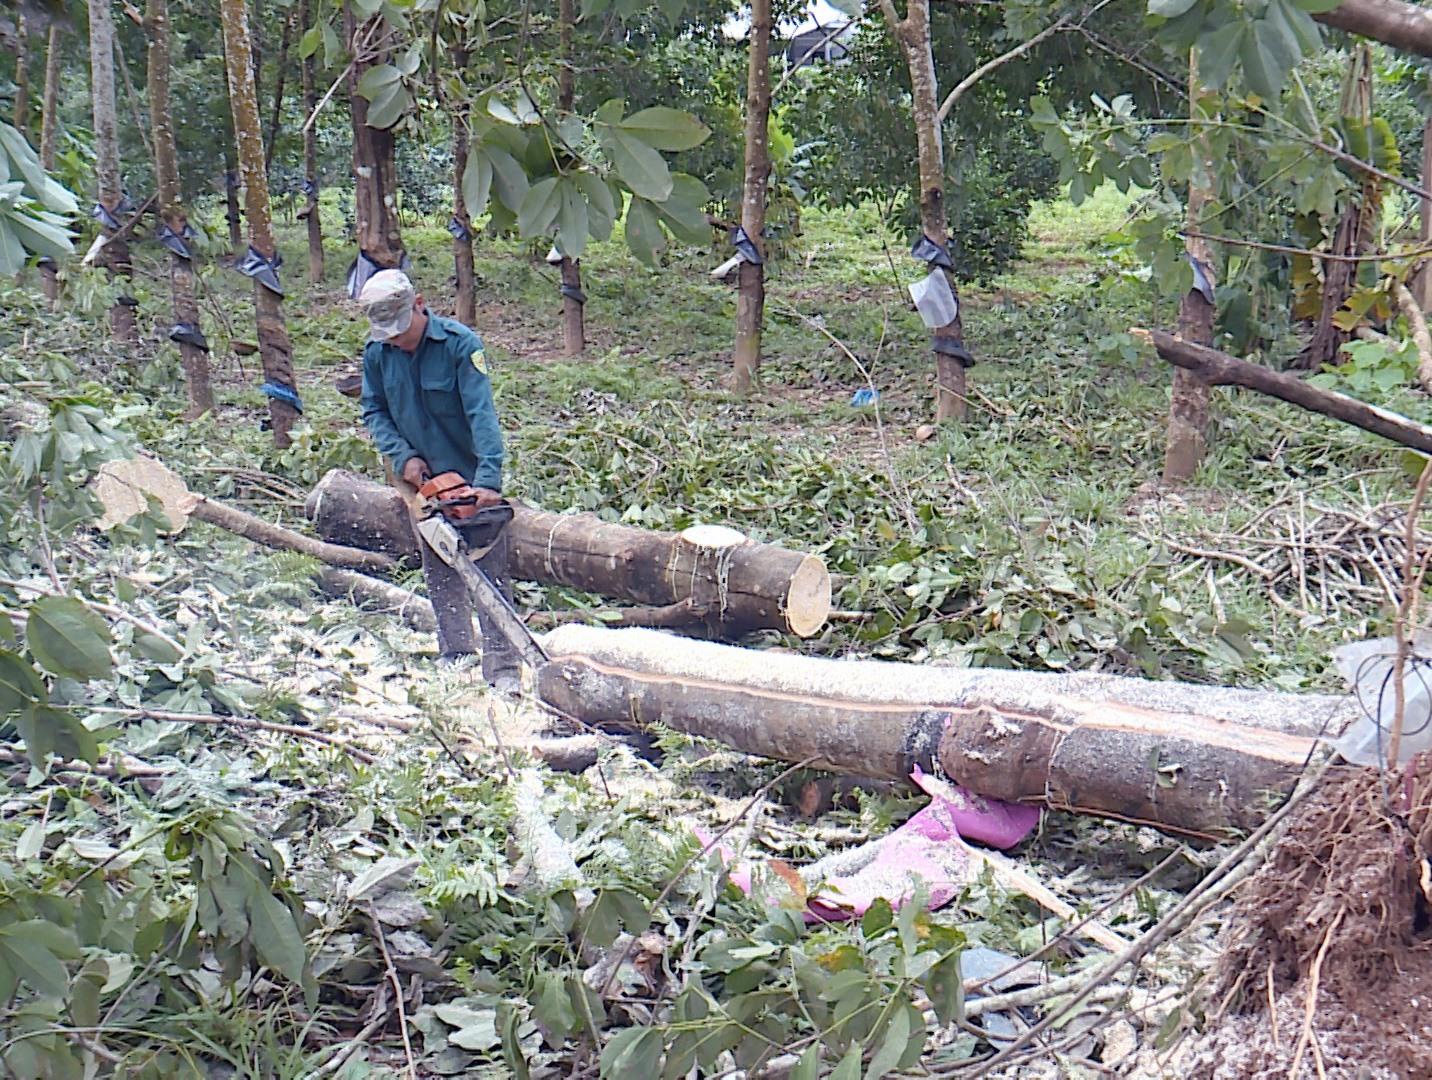 Người dân Hiệp Đức cưa dọn cây cao su ngã đổ do ảnh hưởng của cơn bão số 9 năm 2020. Ảnh: LONG PHI